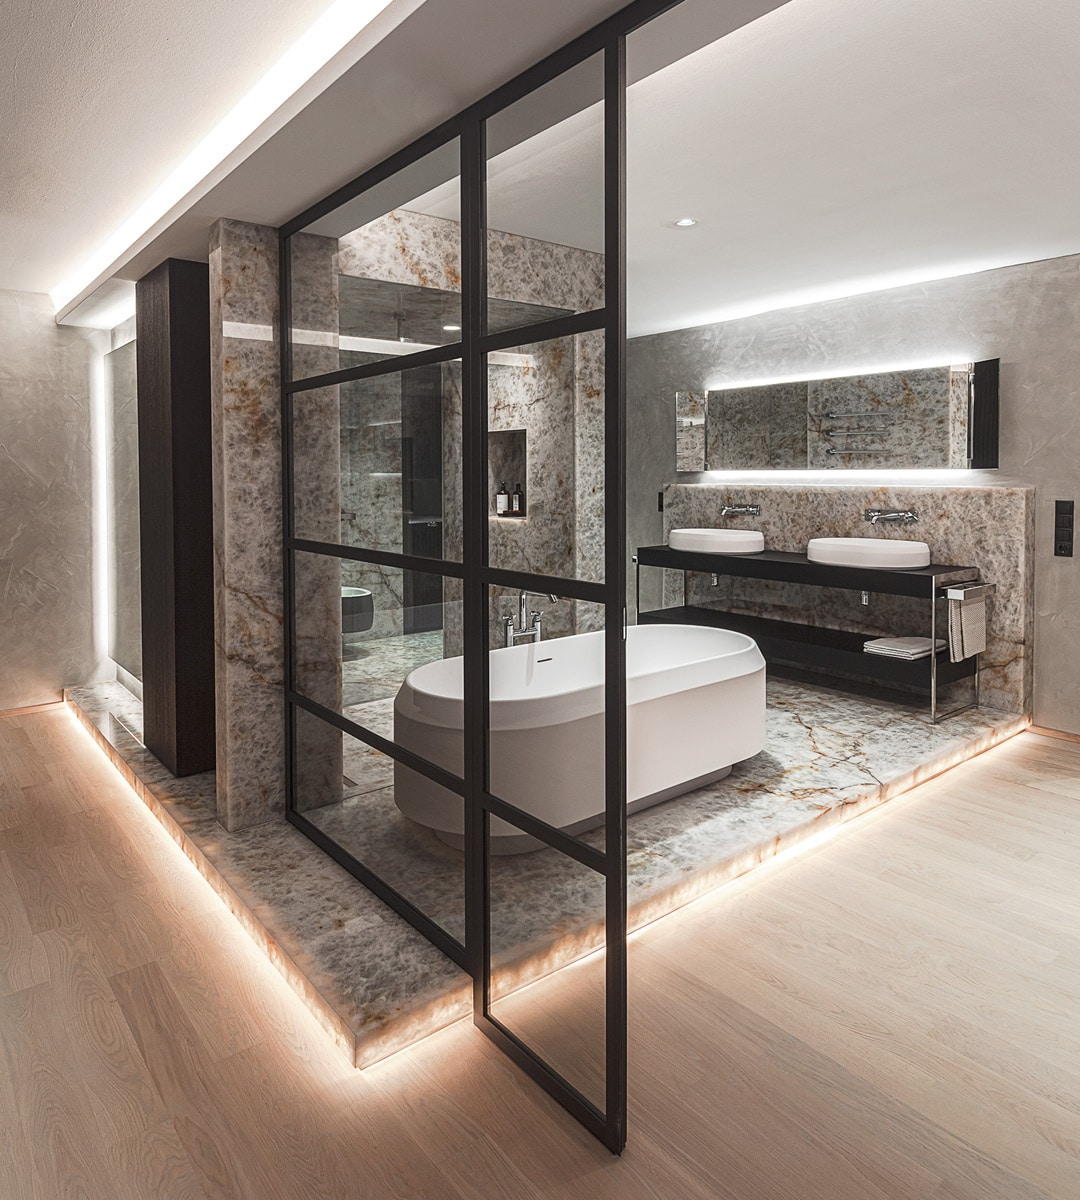 Badezimmer O.: In der Wiener Stadtwohnung wurde von M&G ein Badezimmer der Extraklasse geschaffen. Die offene, wohnliche Gestaltung mit Glastüren und Holzböden wird mit dem Podest und den Wandelementen aus White Iceberg (Kristallmarmor) von Breitwieser förmlich gekrönt.